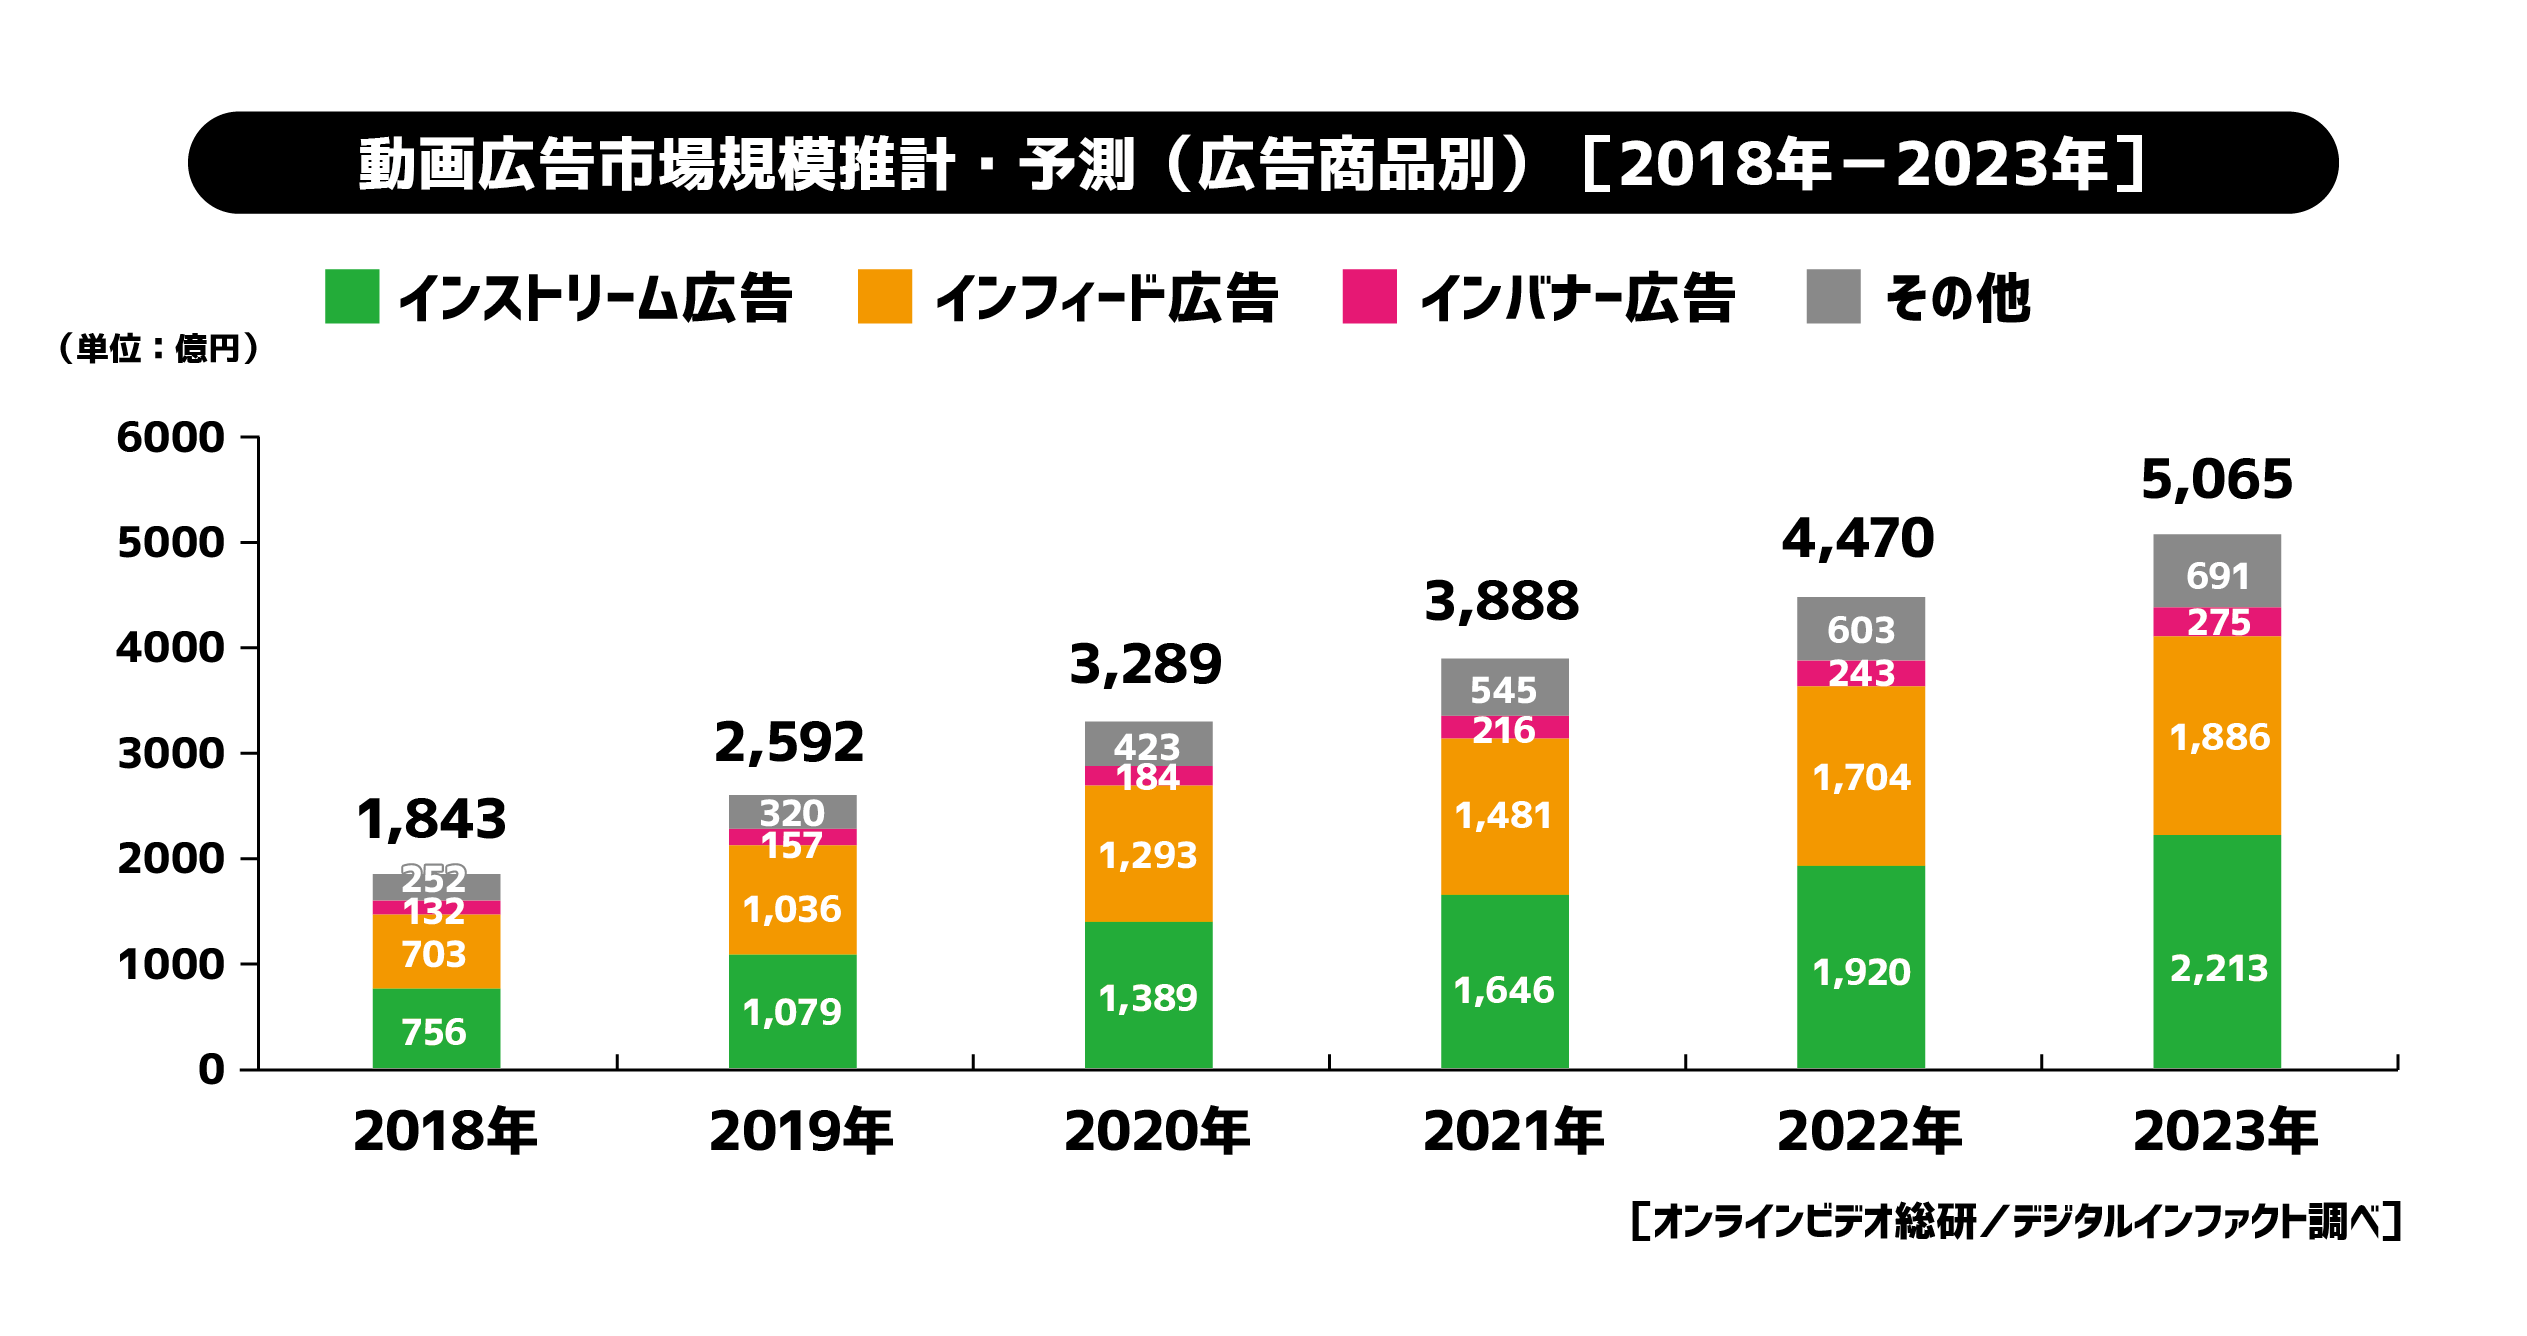 【調査データ】2019年の動画広告市場は昨年比141%・2,592億円の見通し。2023年には5,065億円に達すると予測